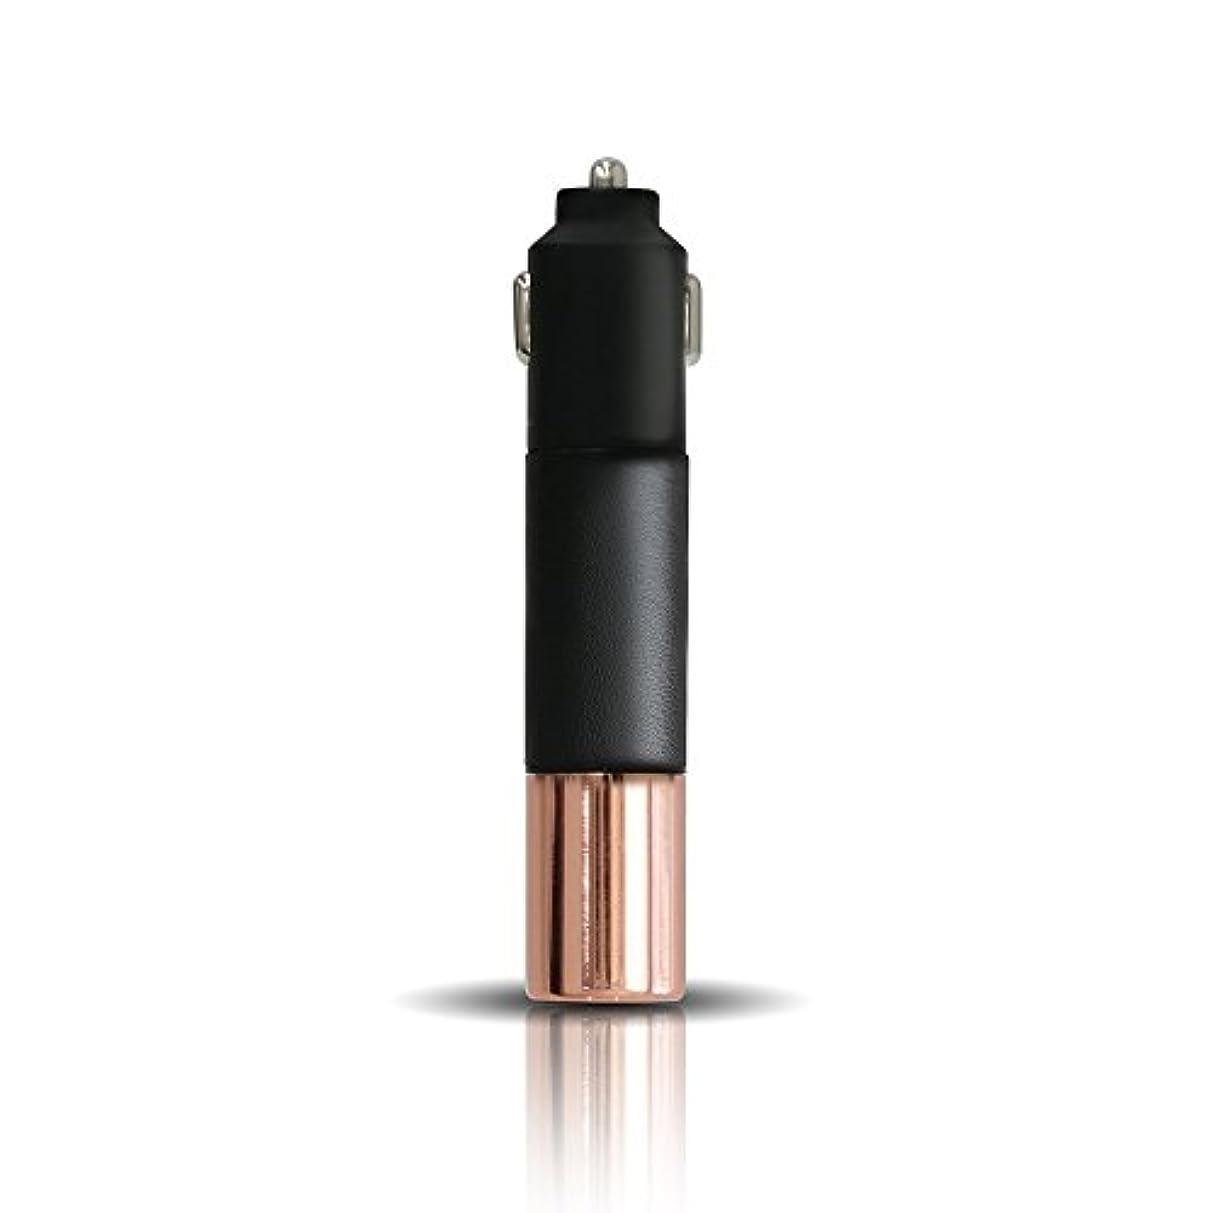 マントル悔い改め肥沃なPRISMATE(プリズメイト) Driving Aroma Diffuser Leather and Metal PR-AD02C (BK(ブラック))